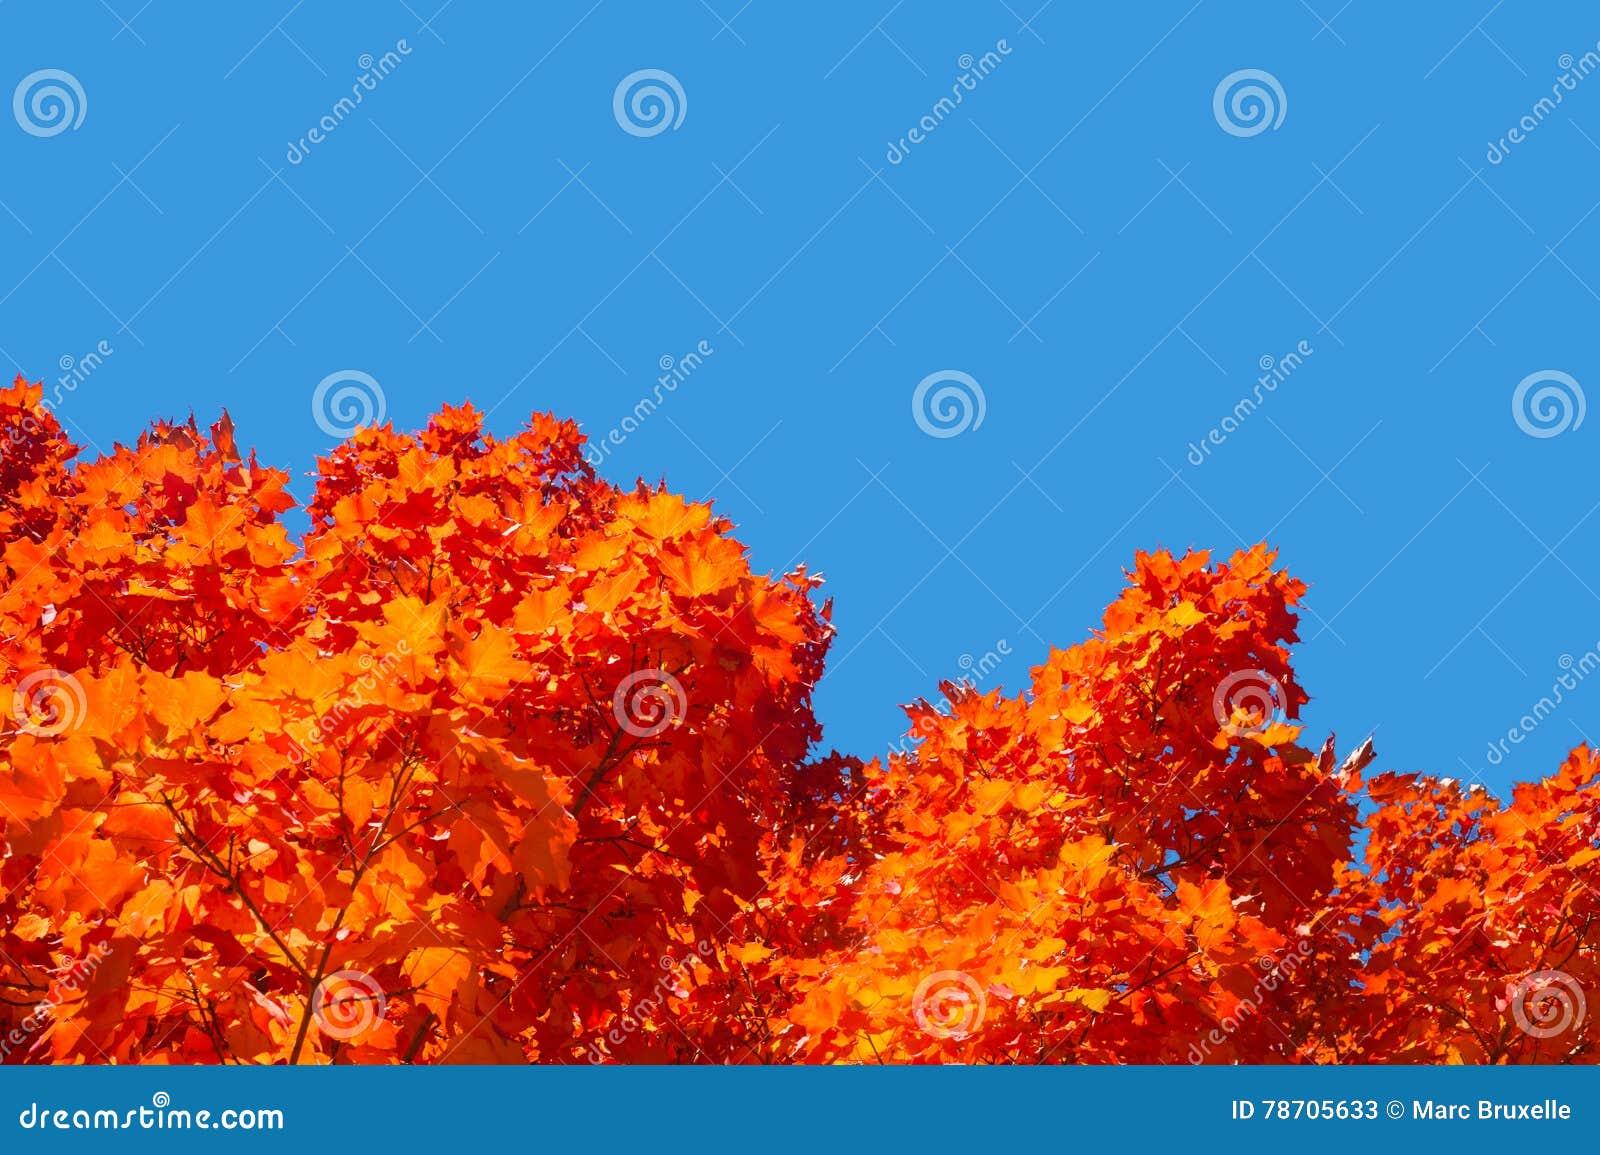 arbres d'érable avec des feuilles de rouge en automne image stock